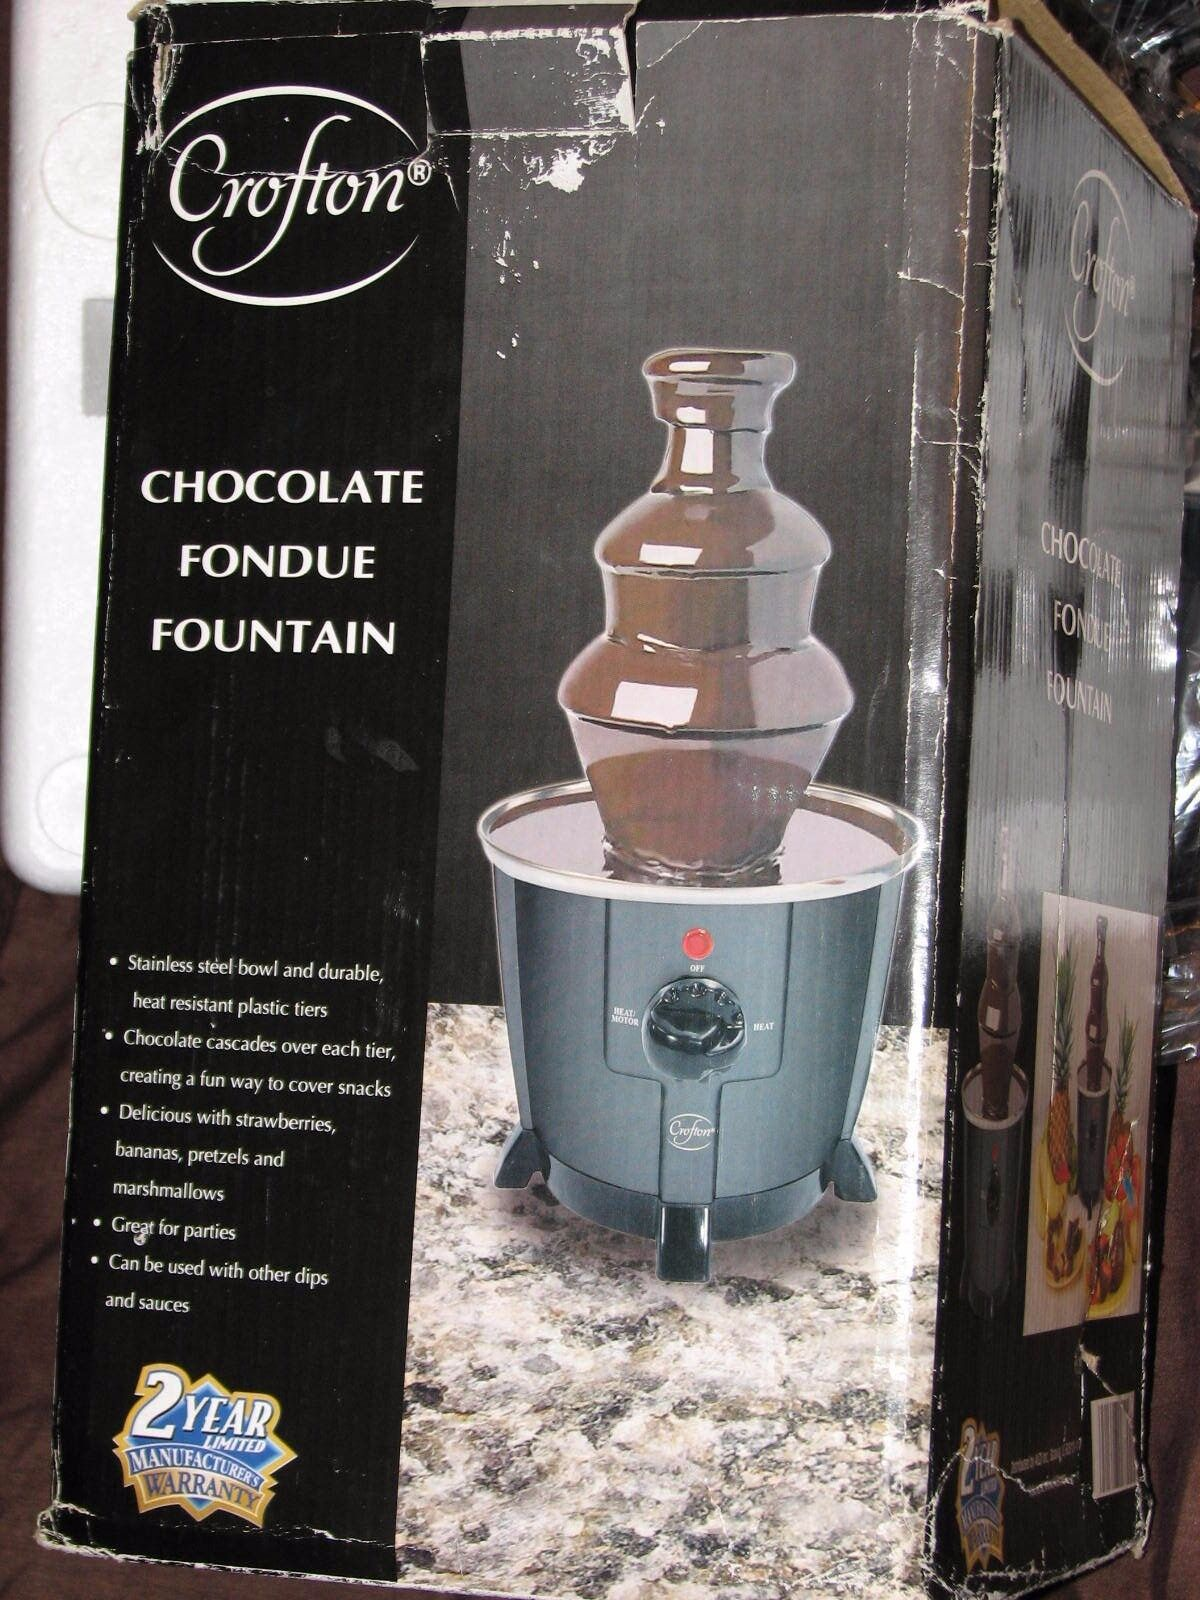 Nouveau Crofton chocolat Dip sauce fondue fontaine échelonné Avec Acier Inoxydable Bol